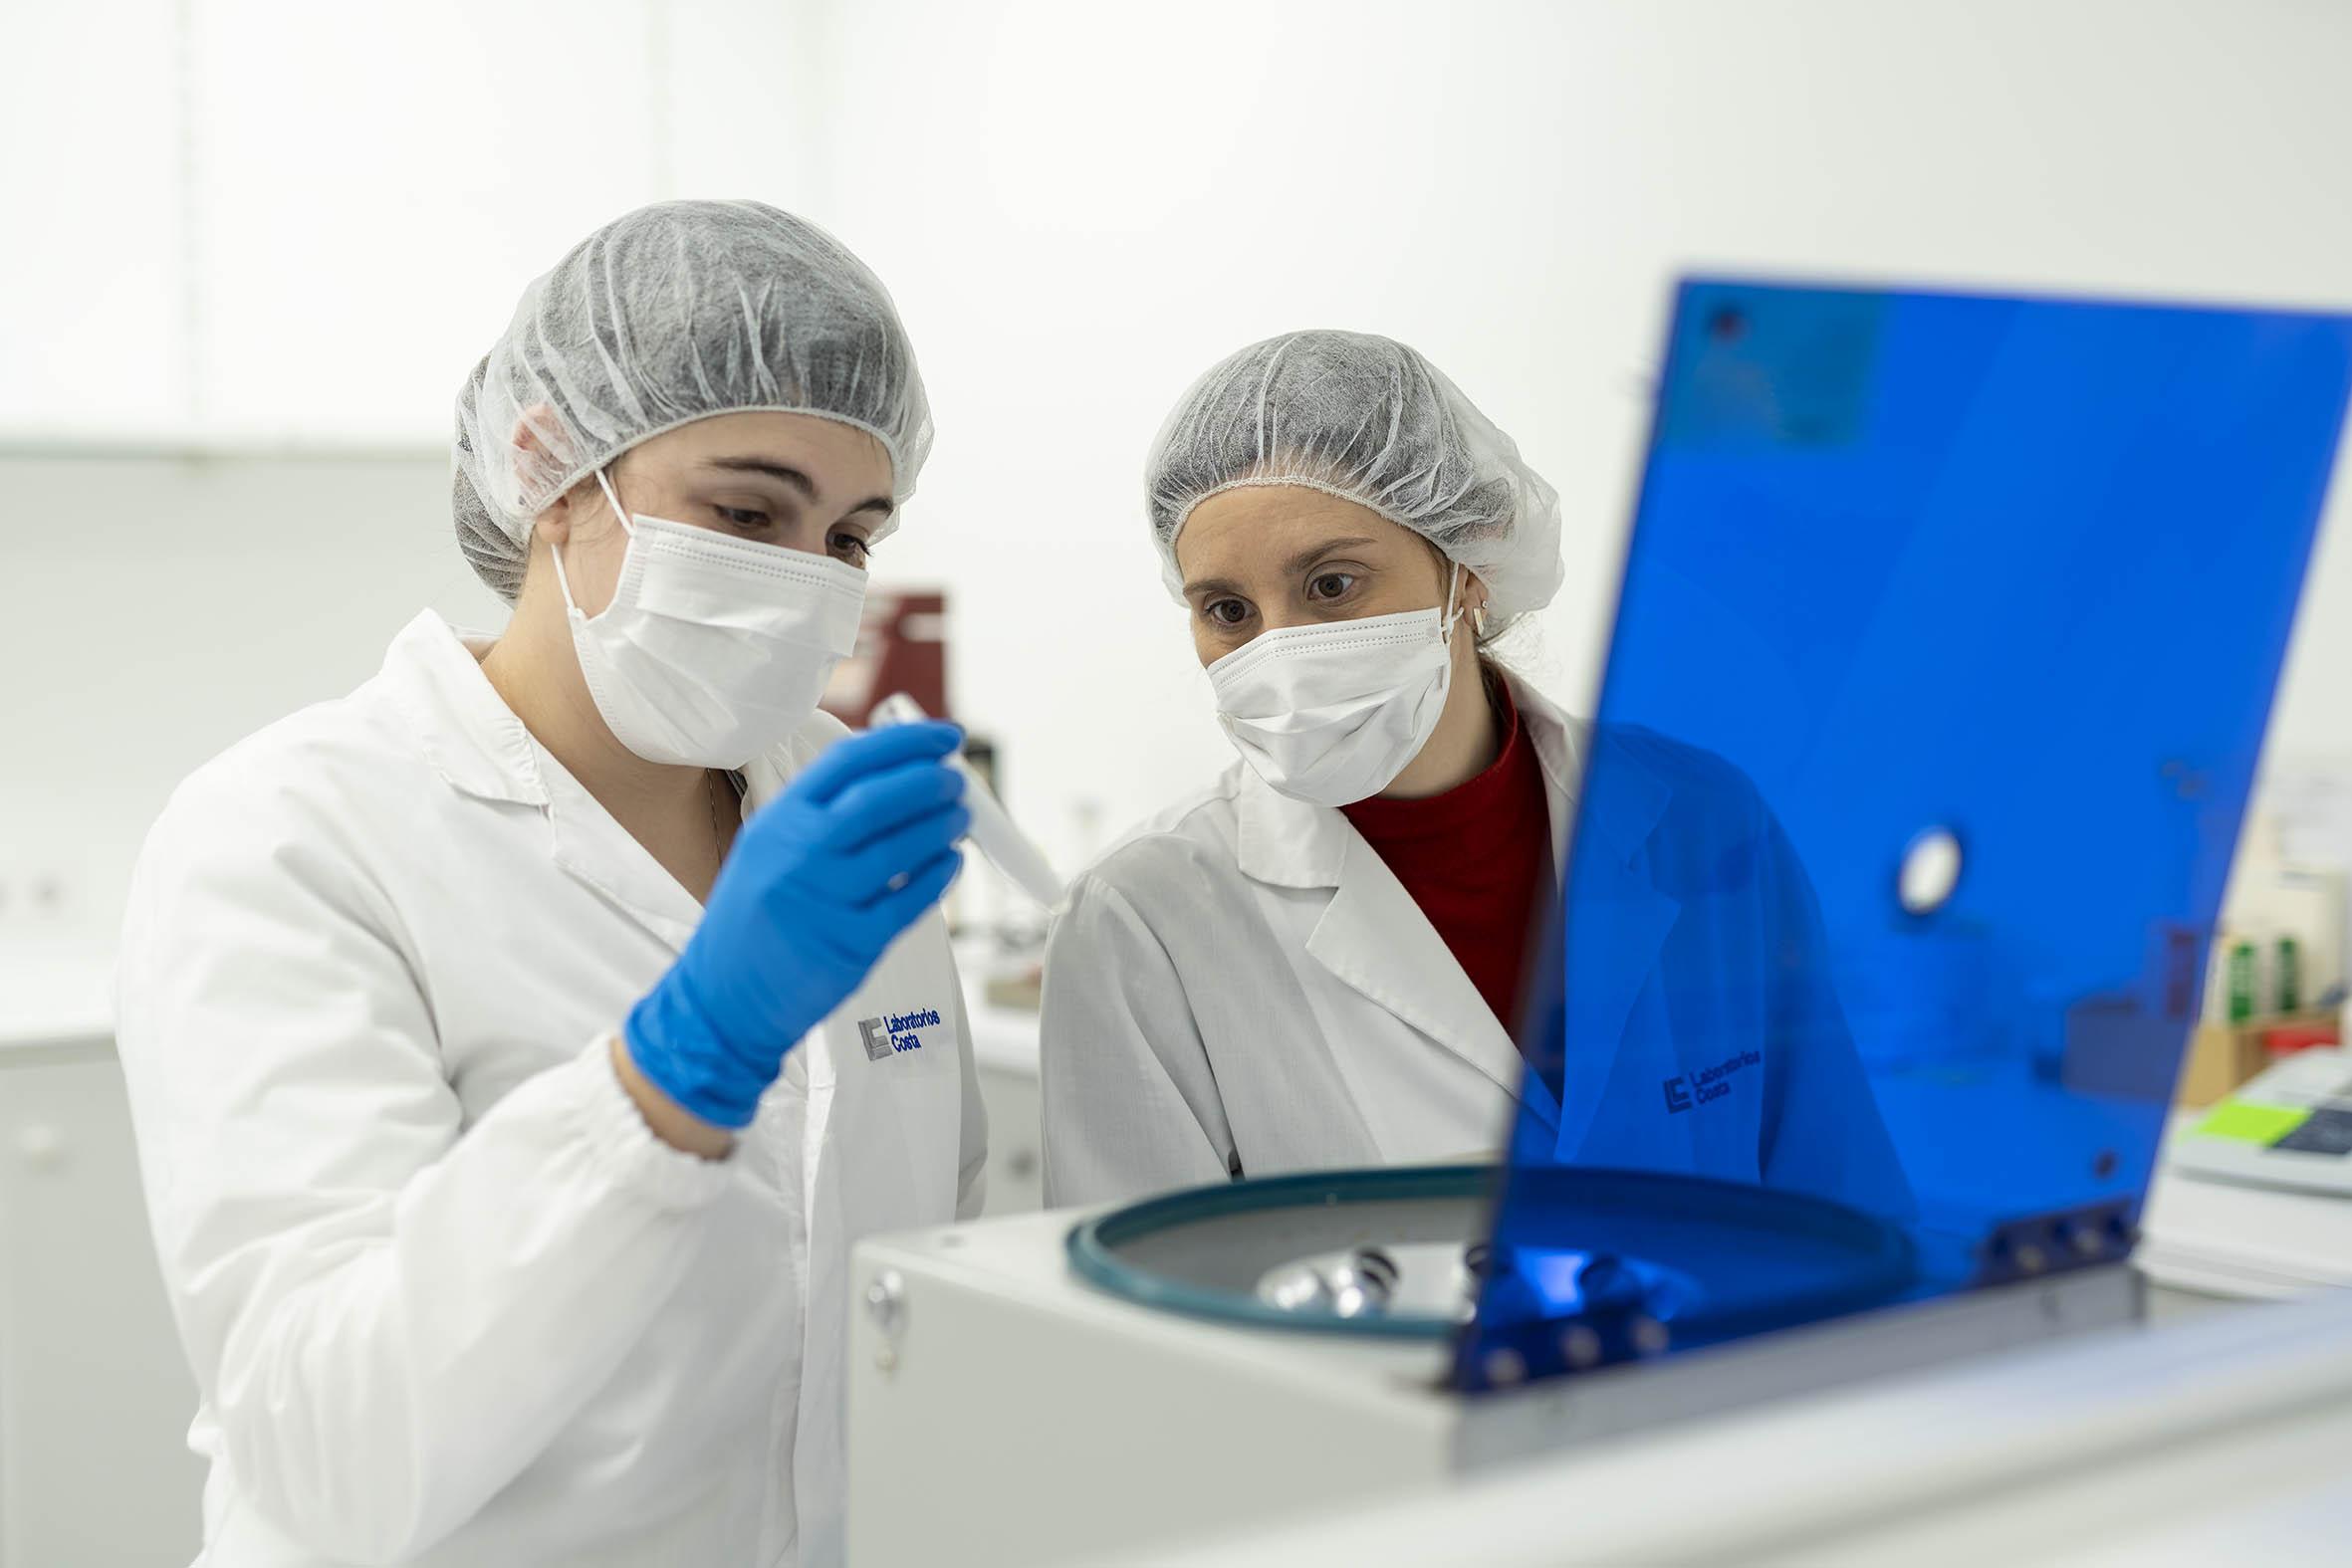 Laboratorios-costa-004